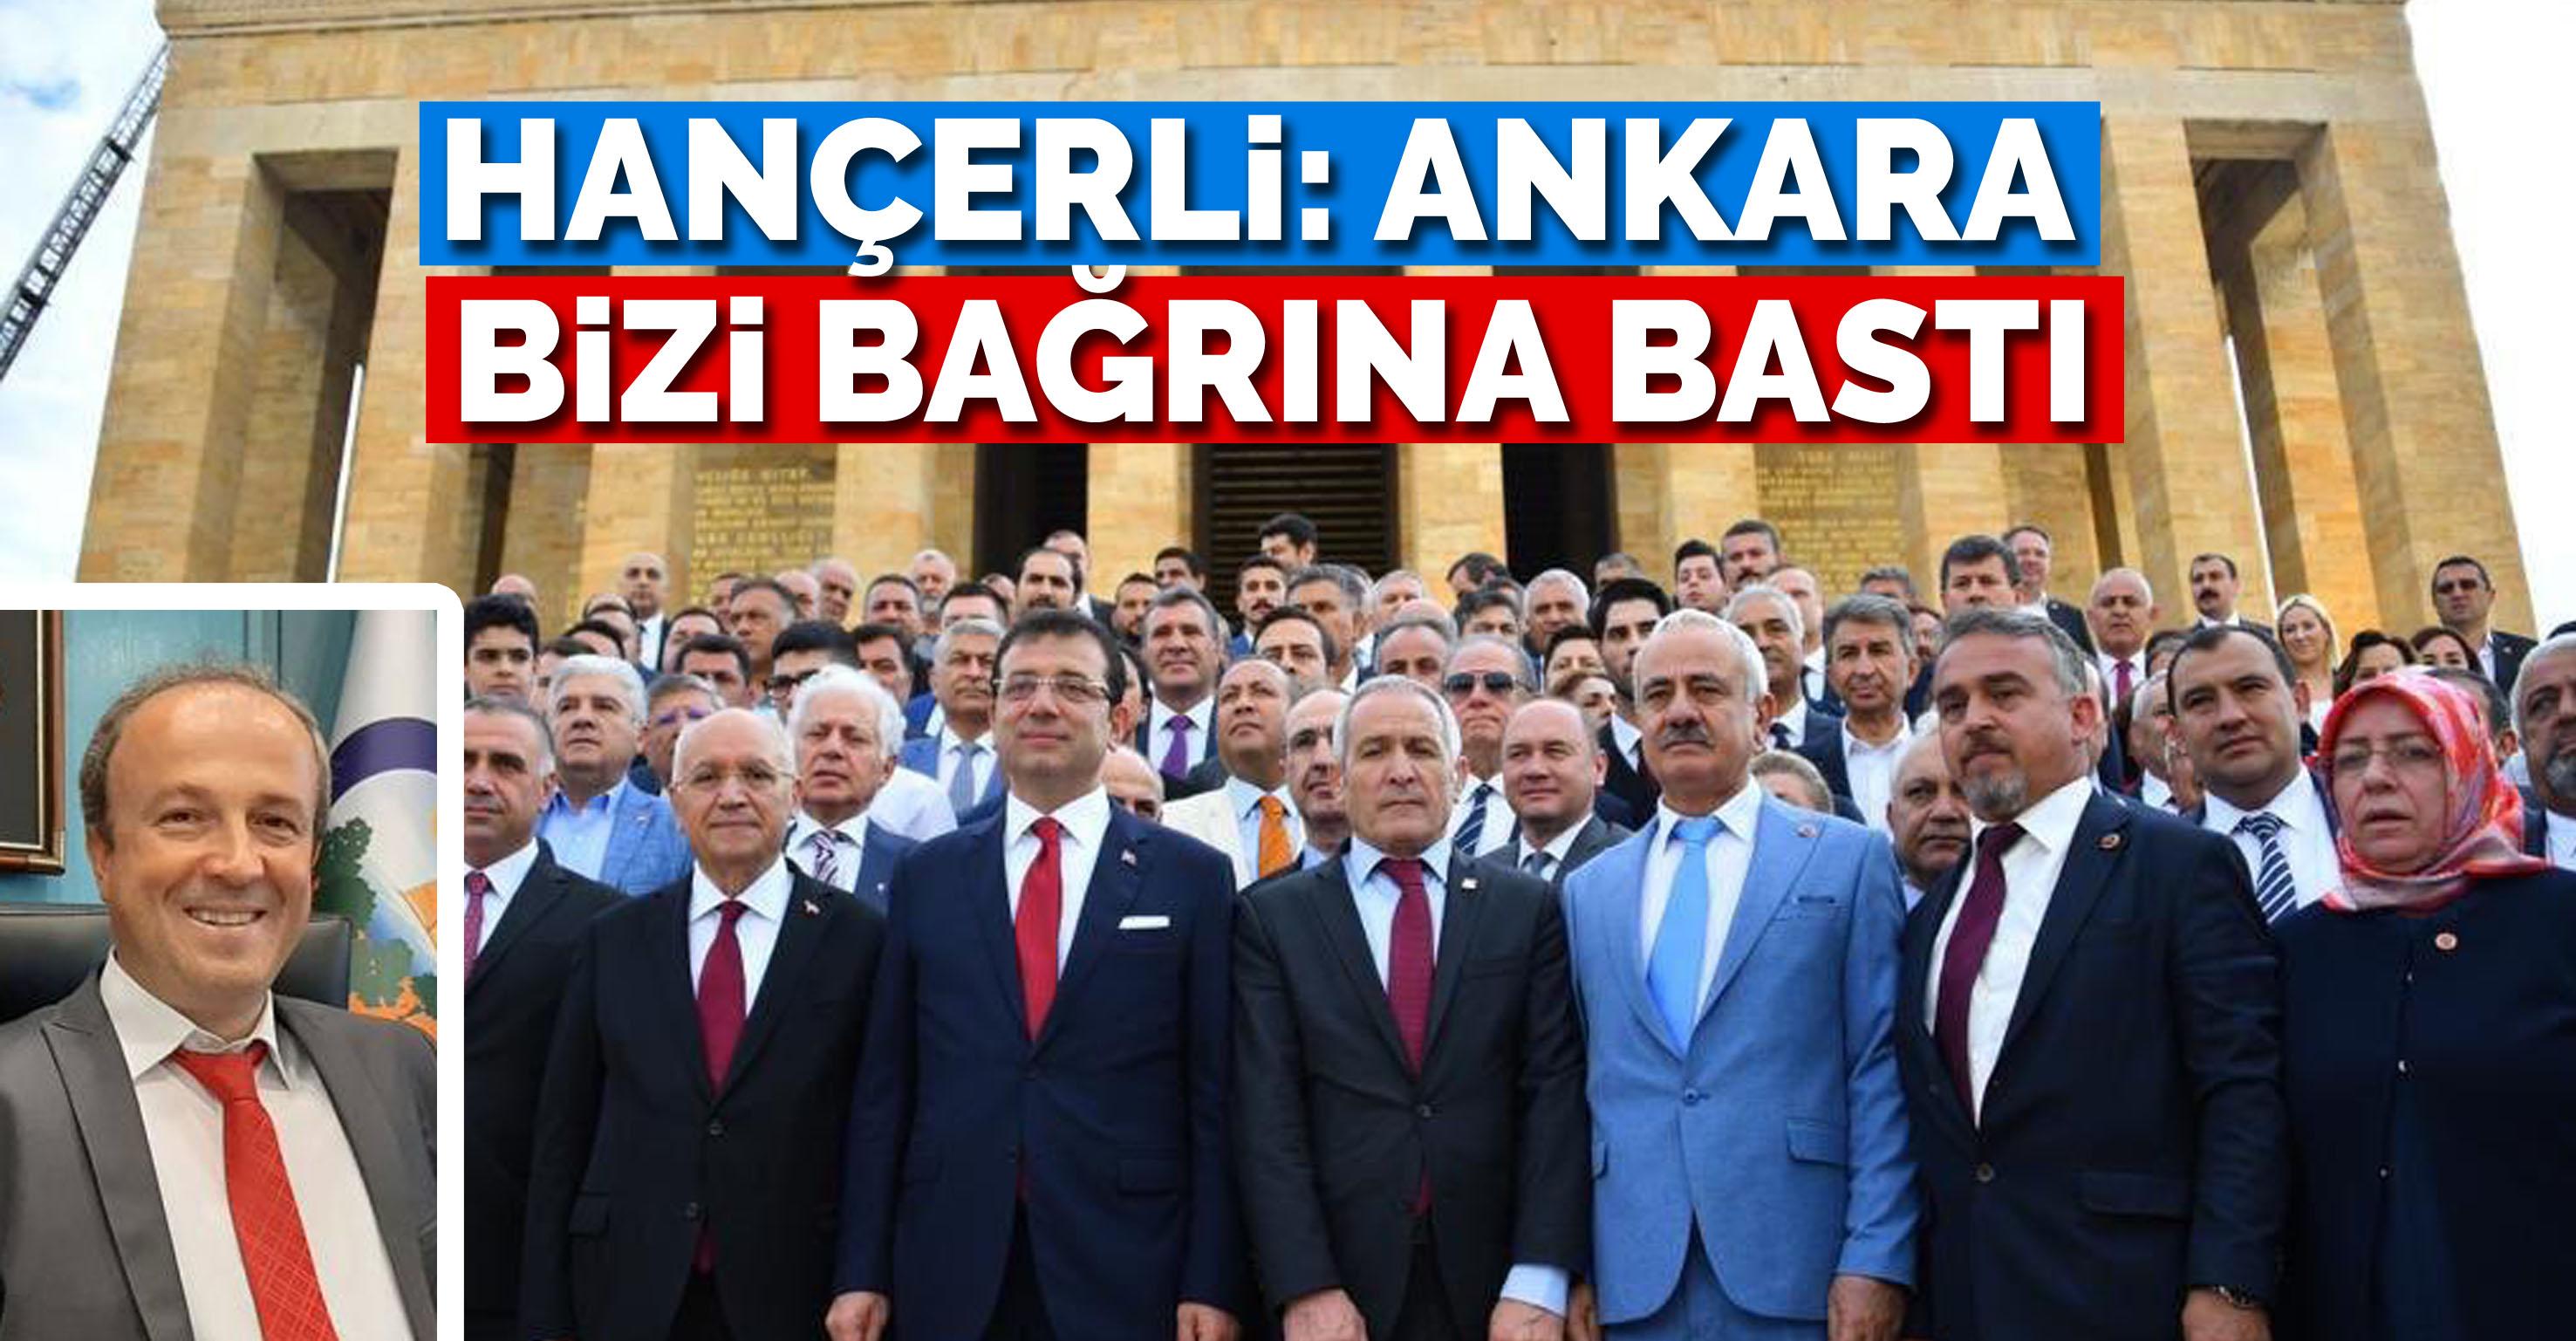 Hançerli: Ankara bizi bağrına bastı